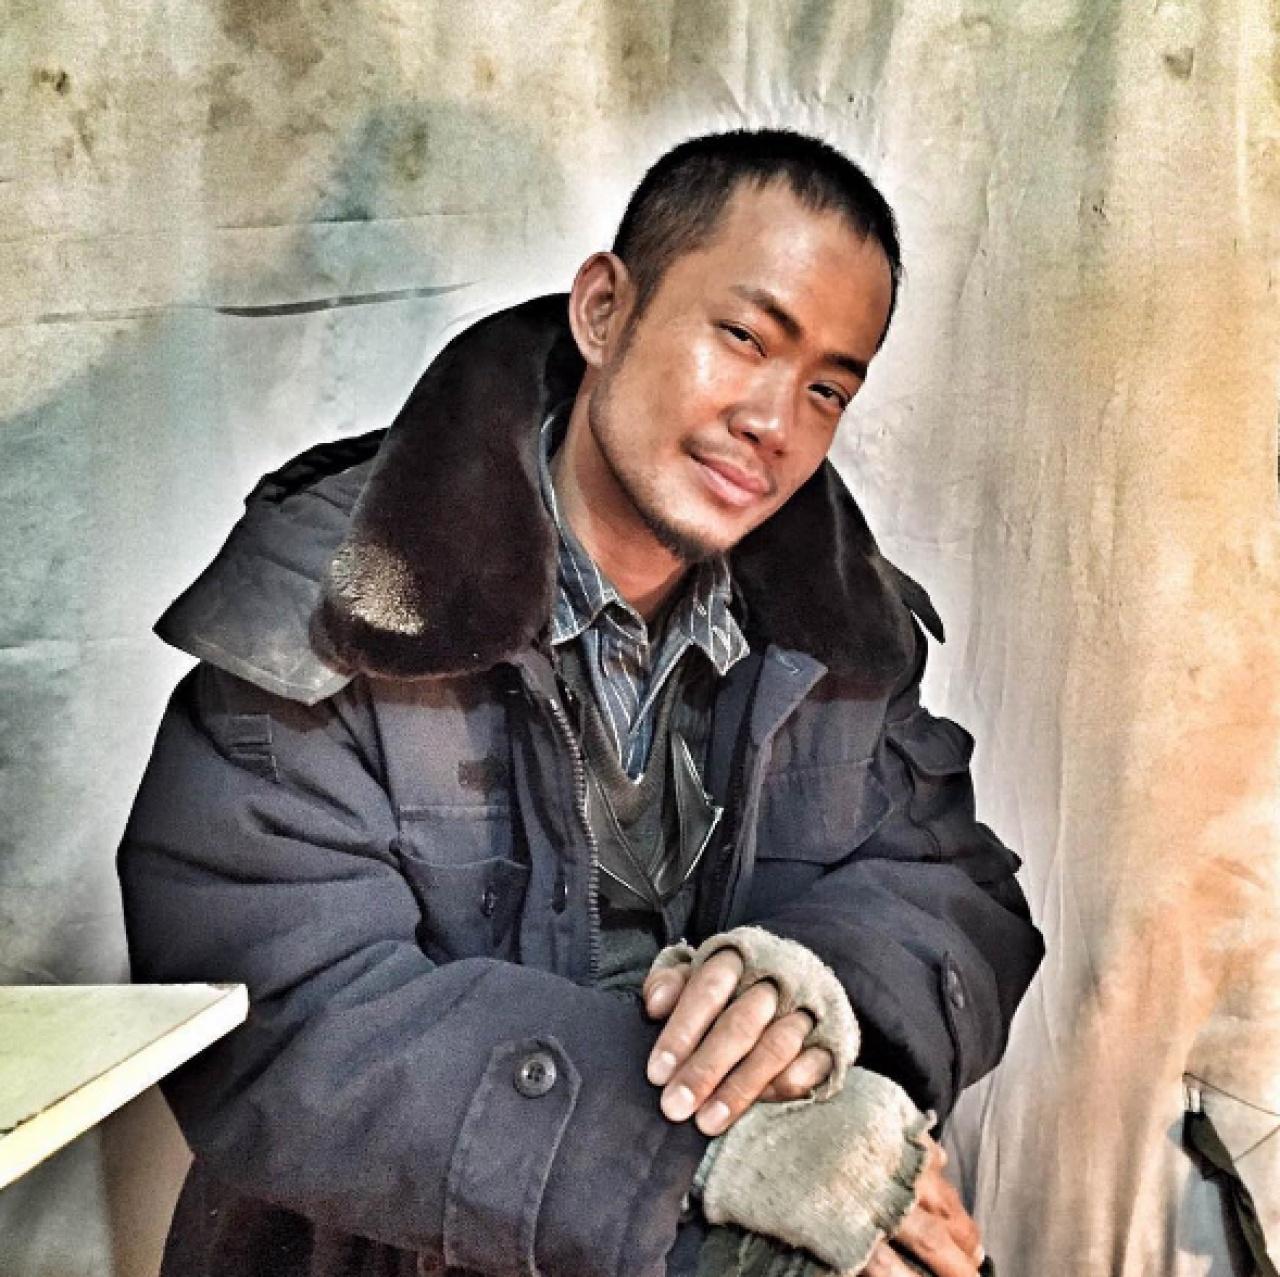 敖嘉年去年拍攝內地電影《盜墓筆記》,為他打開了內地市場。(Instagram圖片)